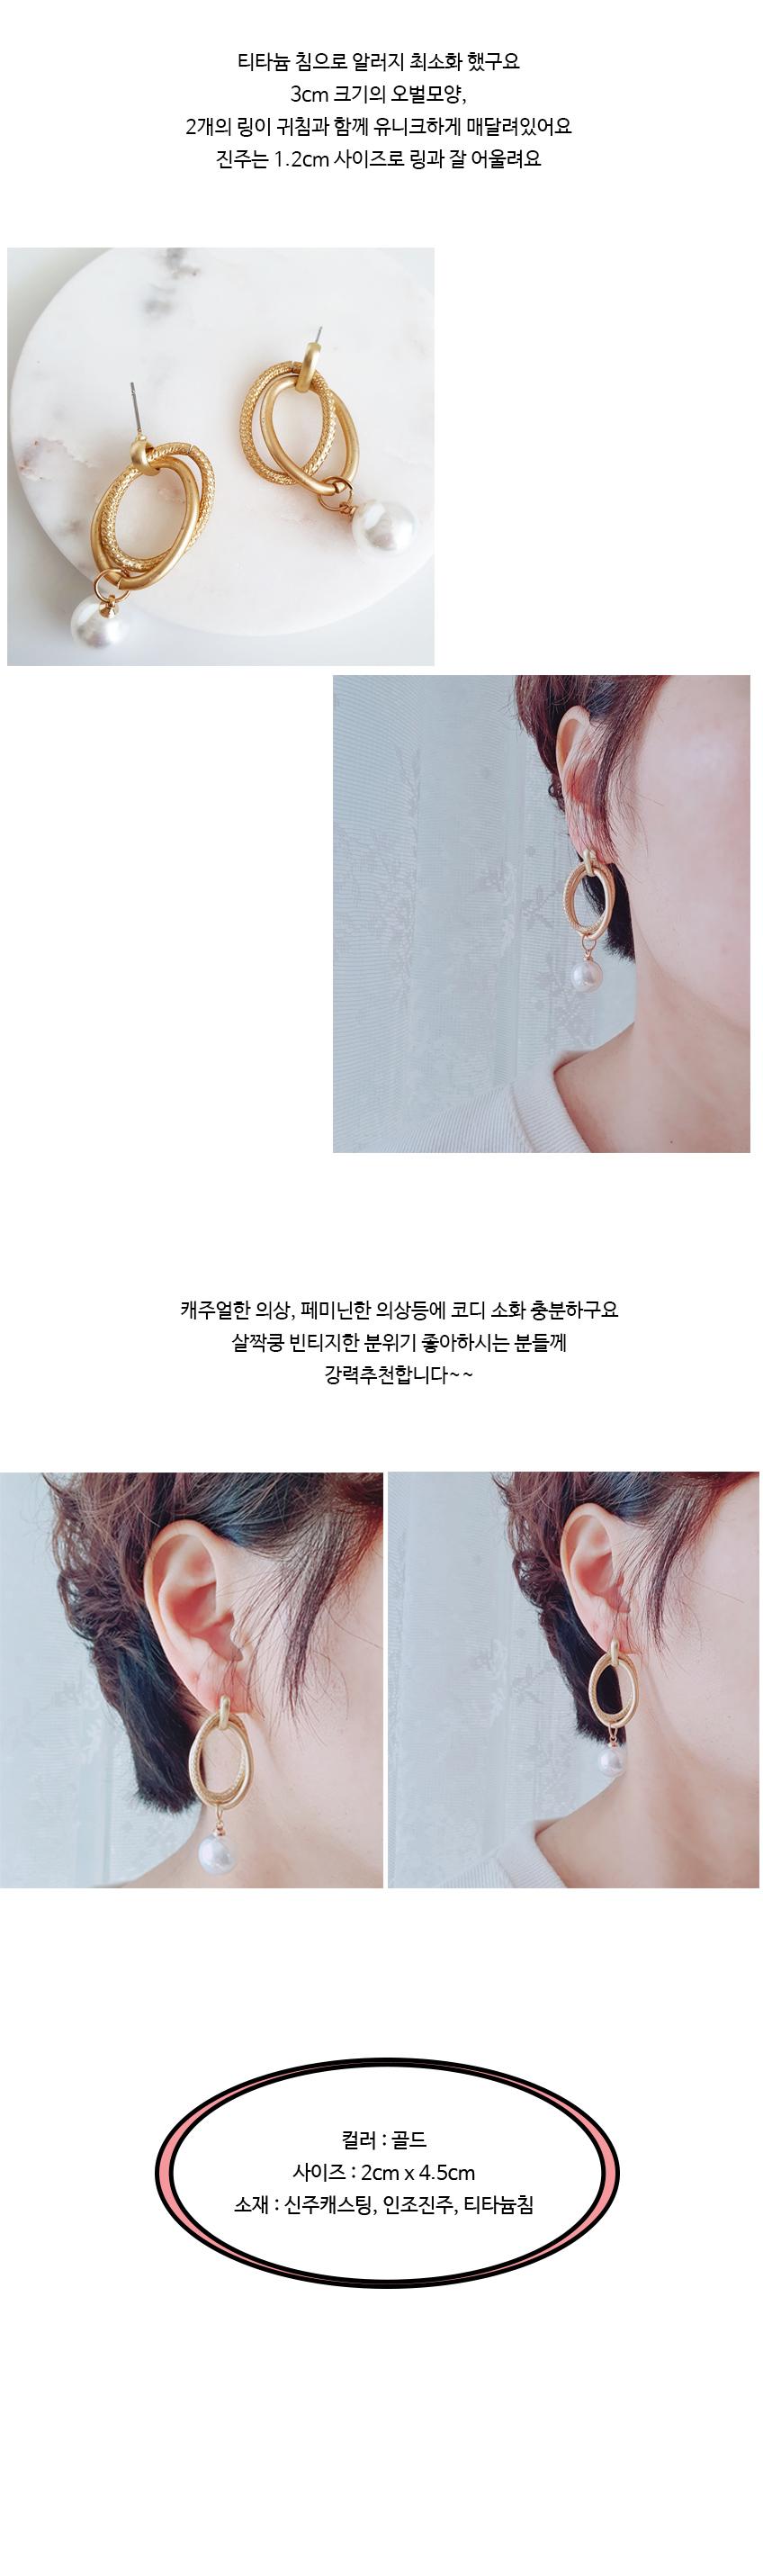 빈티지 투링 진주 드롭 귀걸이 - 돌체오라, 7,700원, 진주/원석, 드롭귀걸이